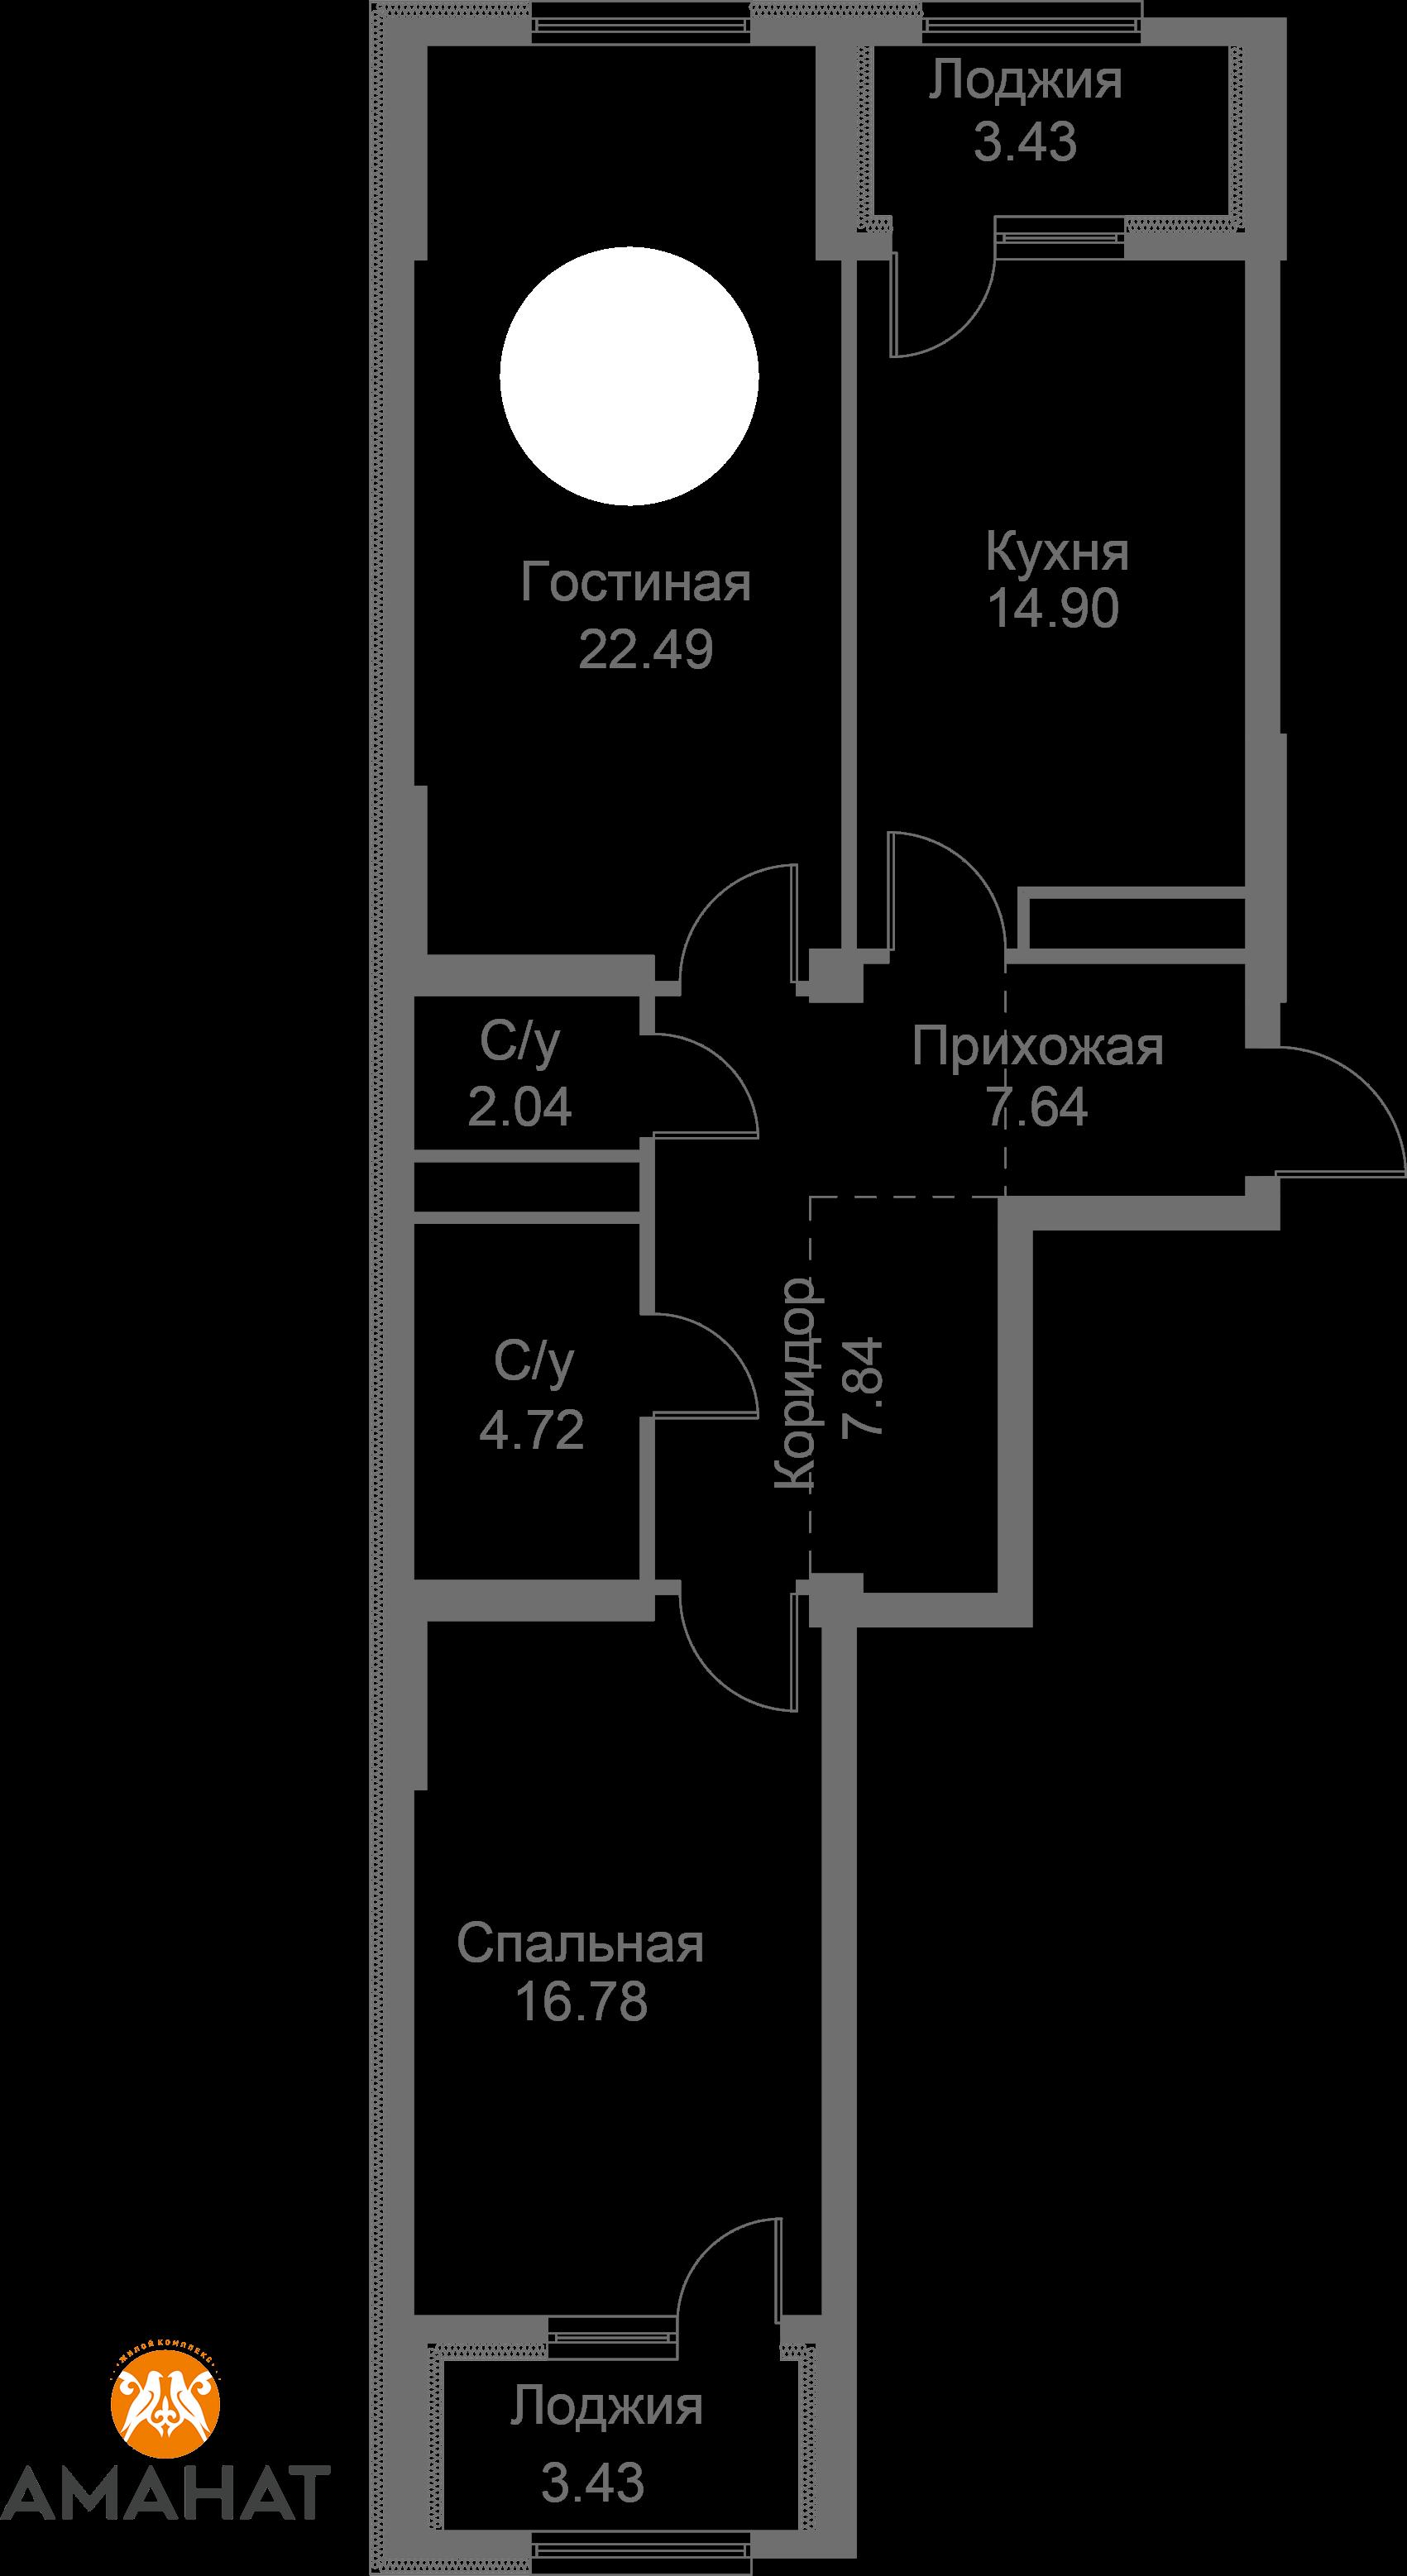 Квартира 344